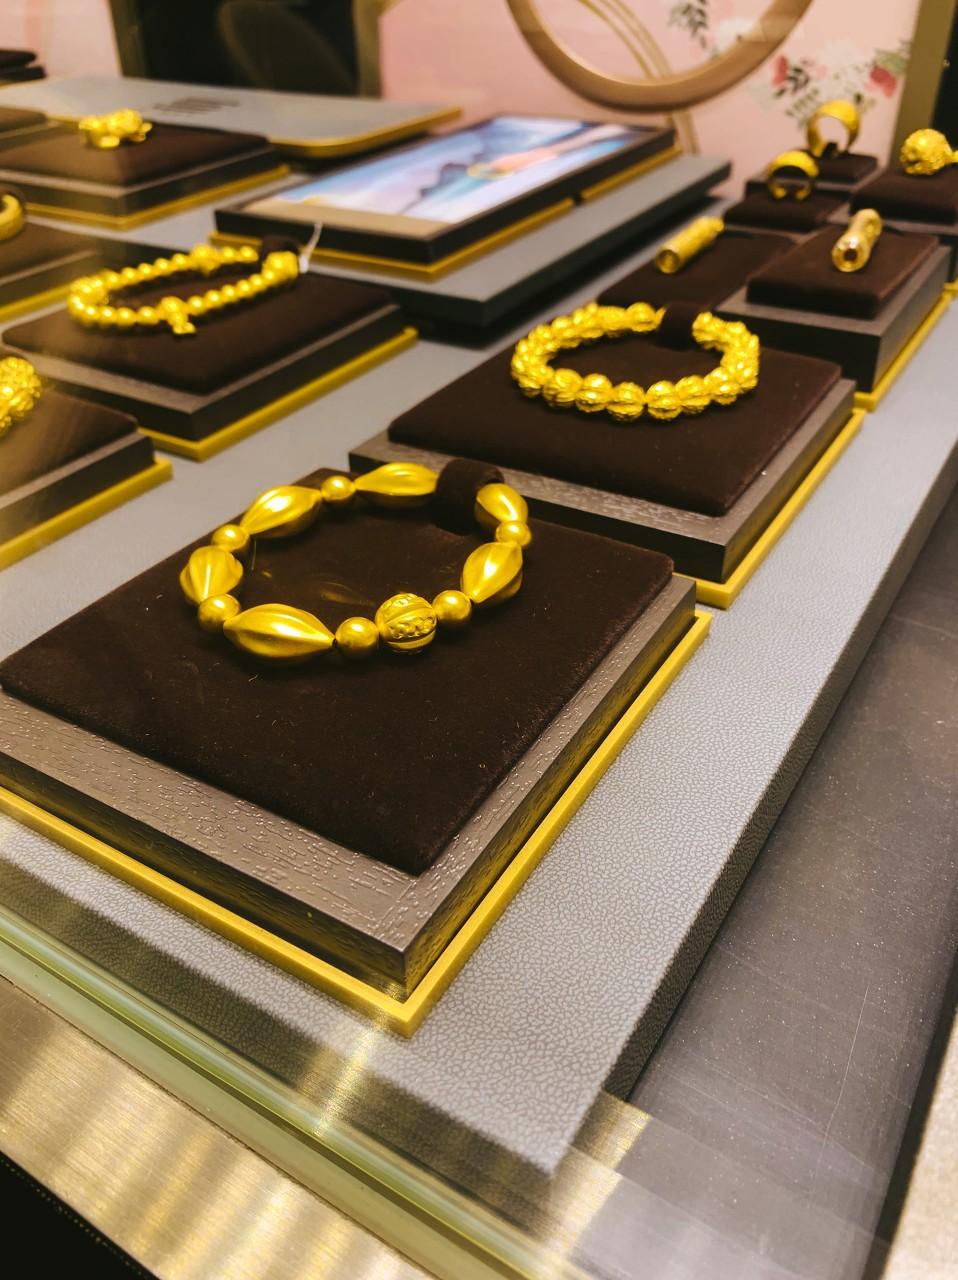 黄金首饰已成为国庆消费的新趋势 苏宁特易购黄金首饰婚庆季火热